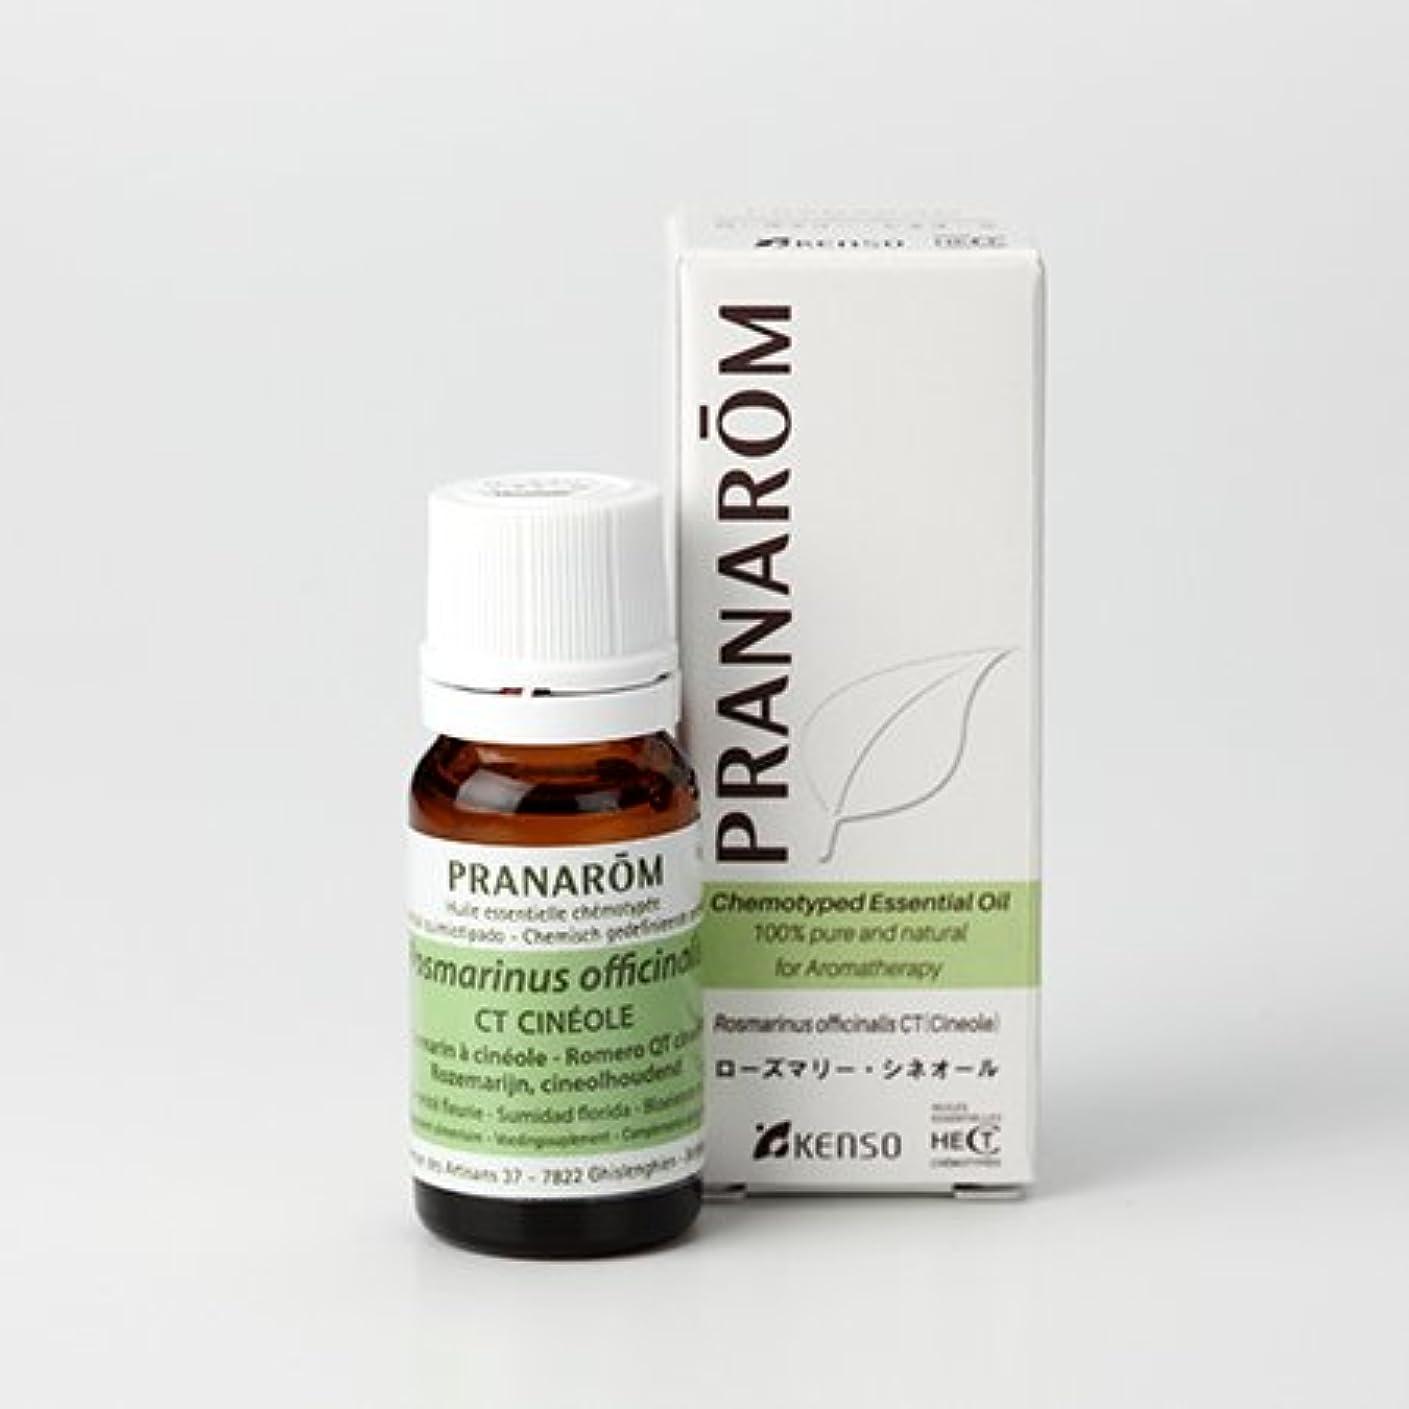 用心するレース移行するプラナロム ( PRANAROM ) 精油 ローズマリー?シネオール 10ml p-160 ローズマリーシネオール